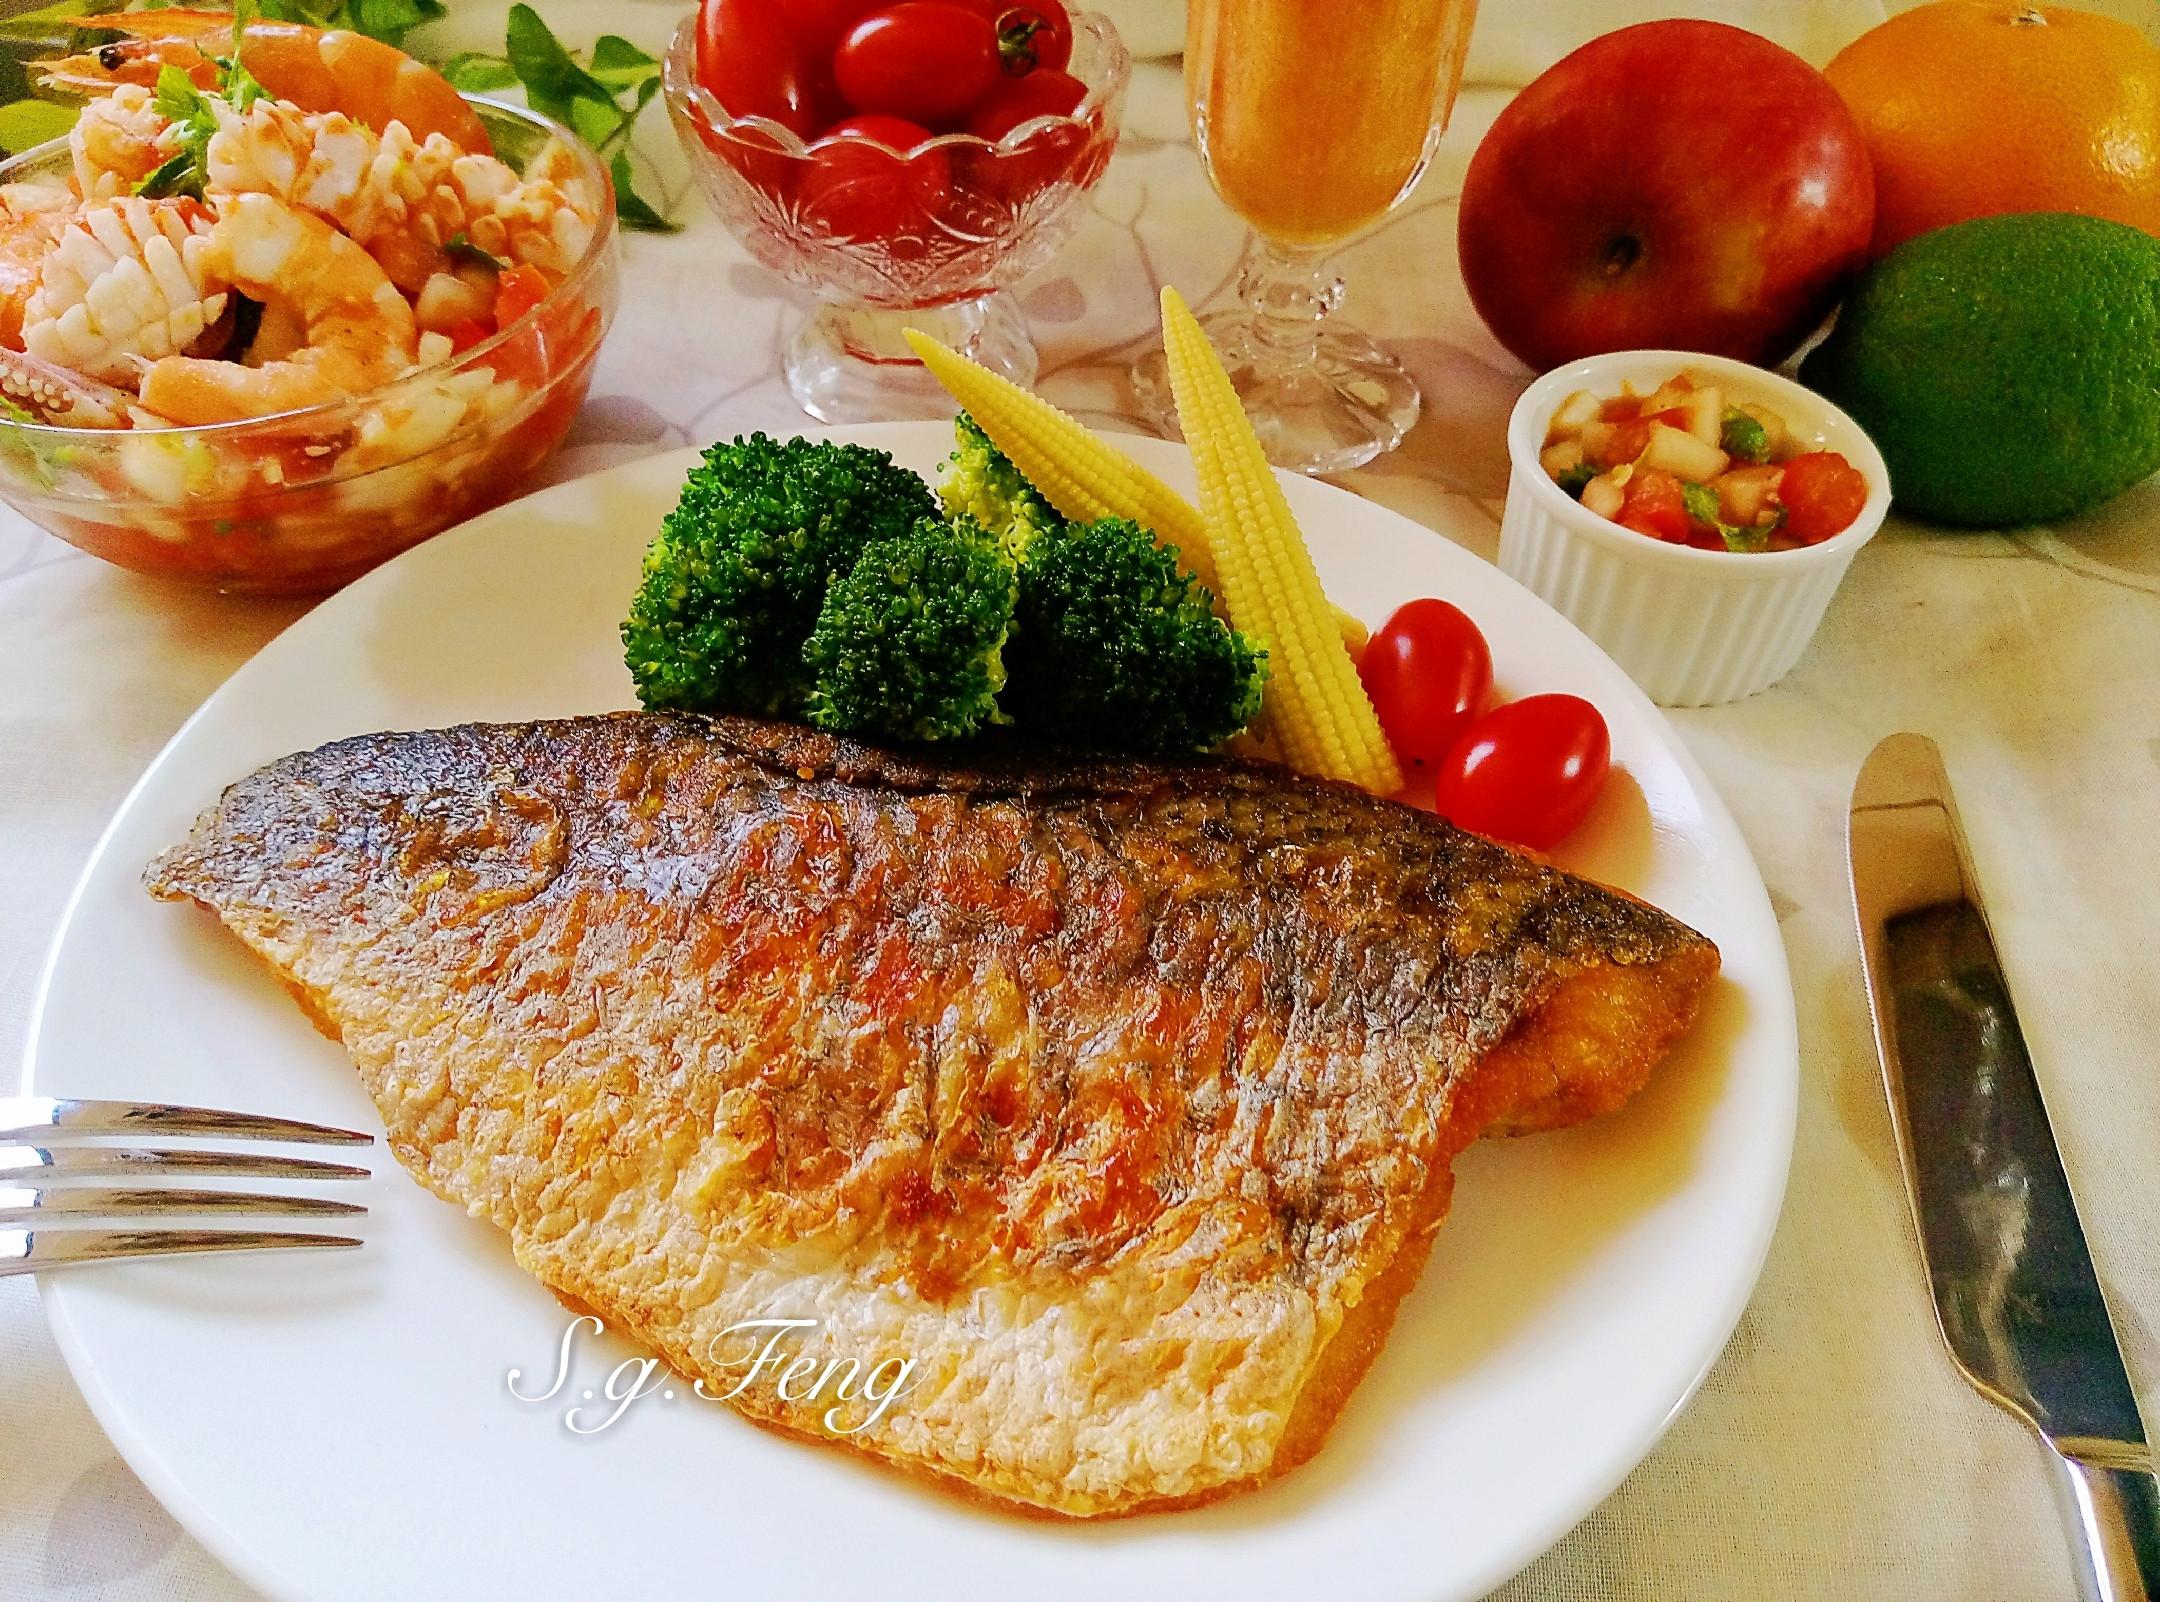 香煎鱸魚排佐莎莎醬海鮮